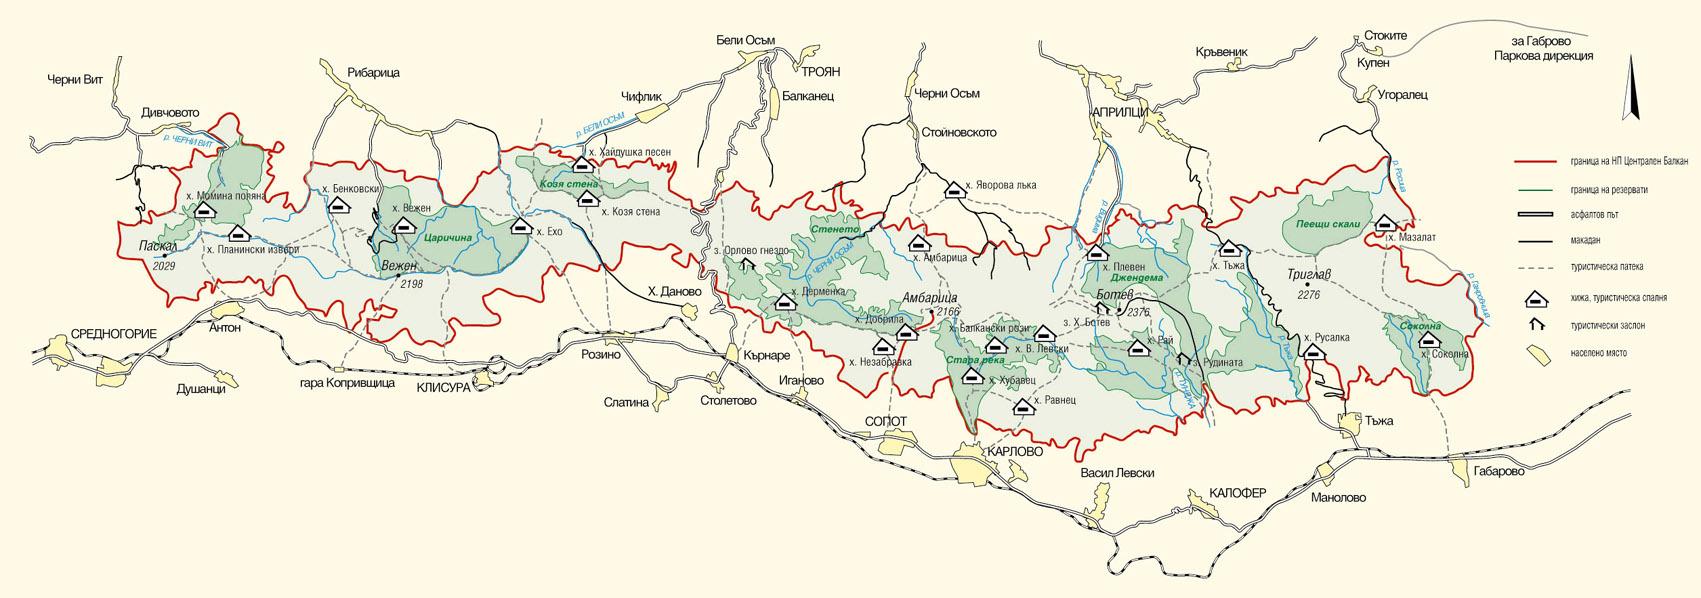 Карта на Централен Балкан